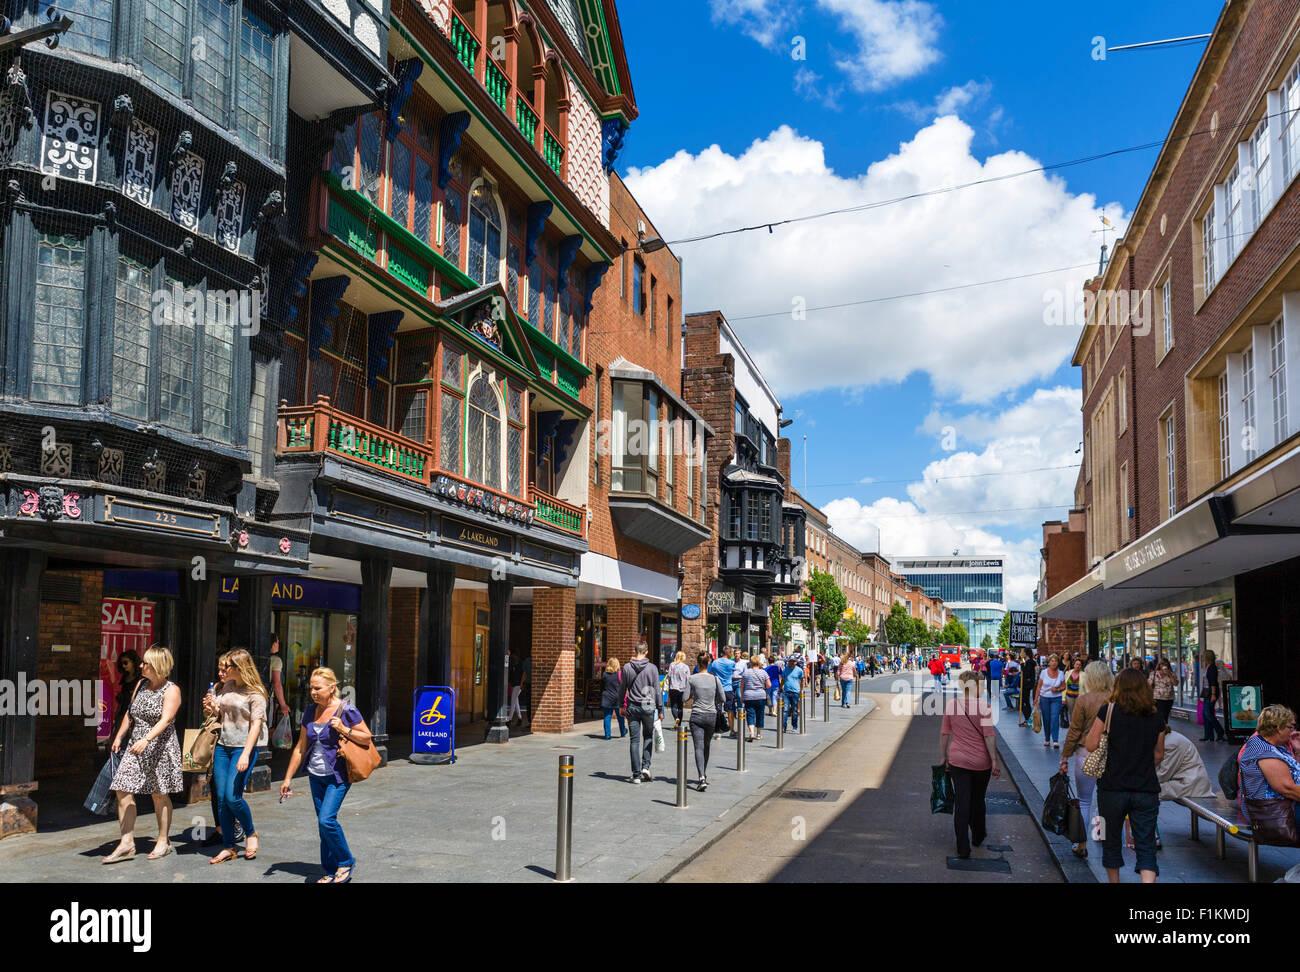 Geschäfte auf der High Street in der Stadt Zentrum, Exeter, Devon, England, UK Stockbild